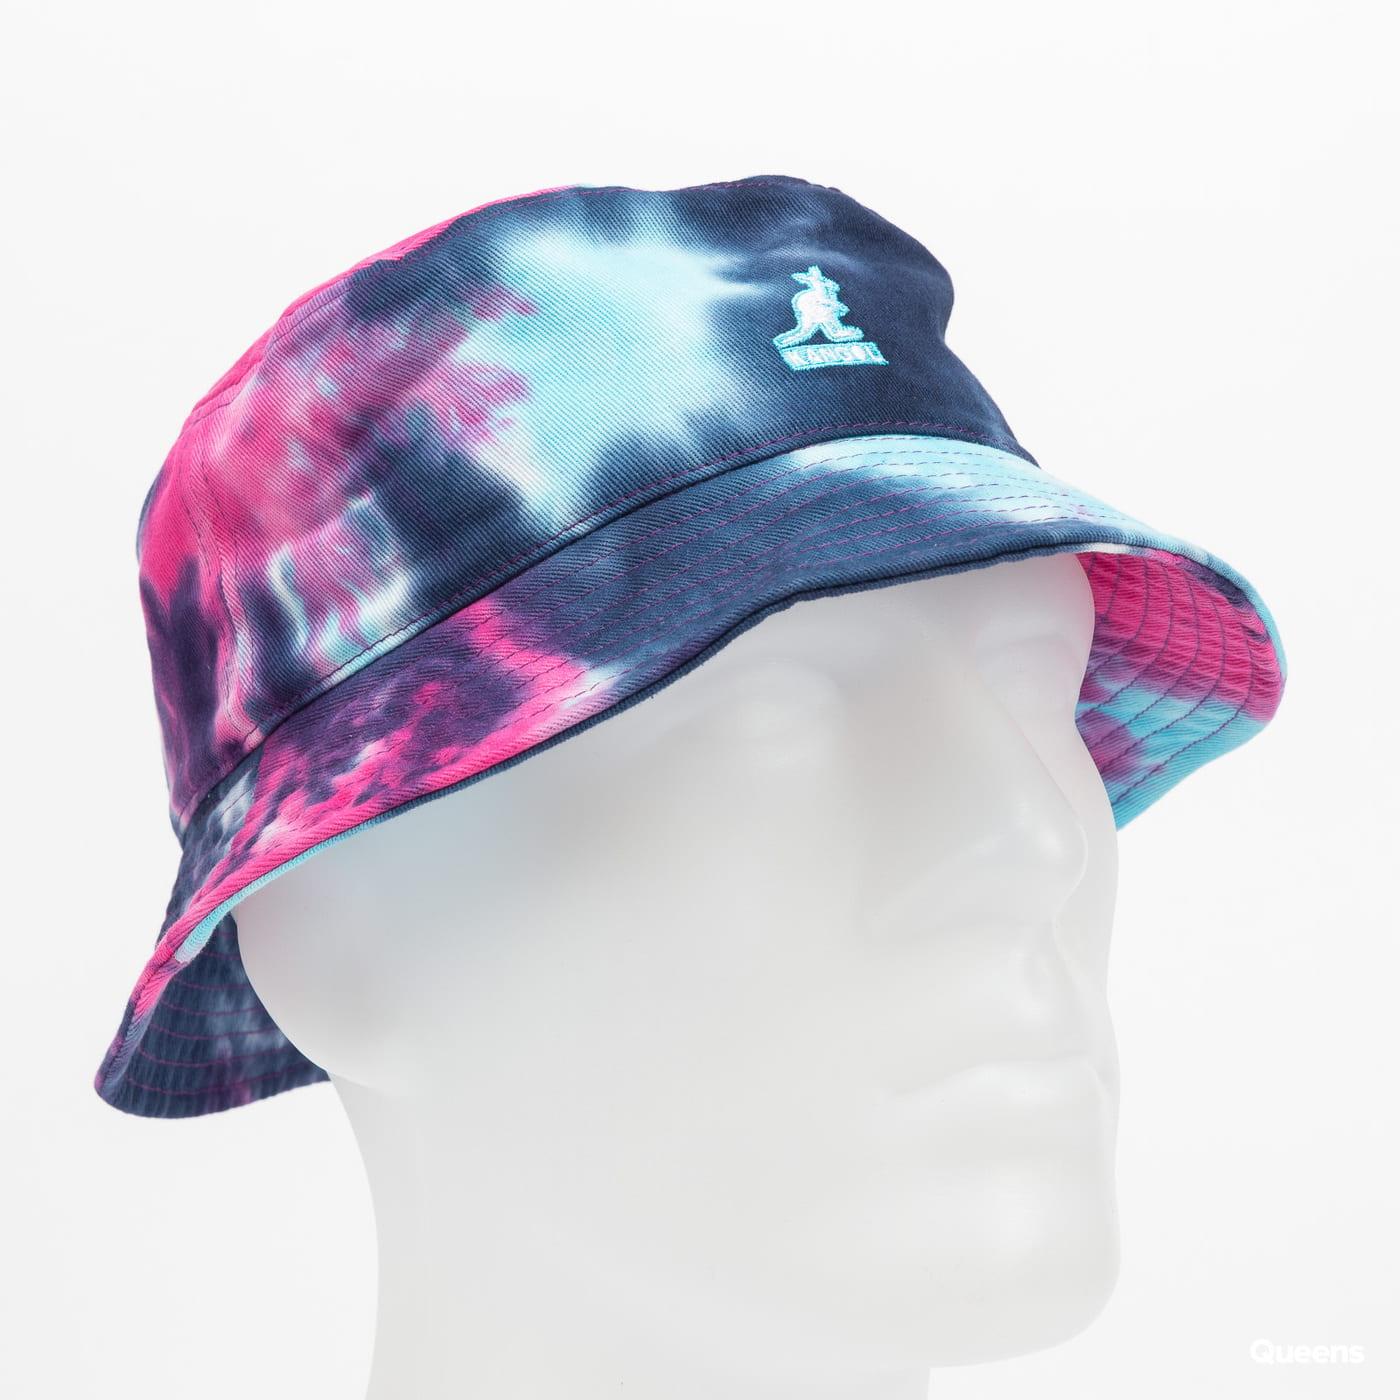 KANGOL Tie Dye Bucket růžový / navy / světle modrý